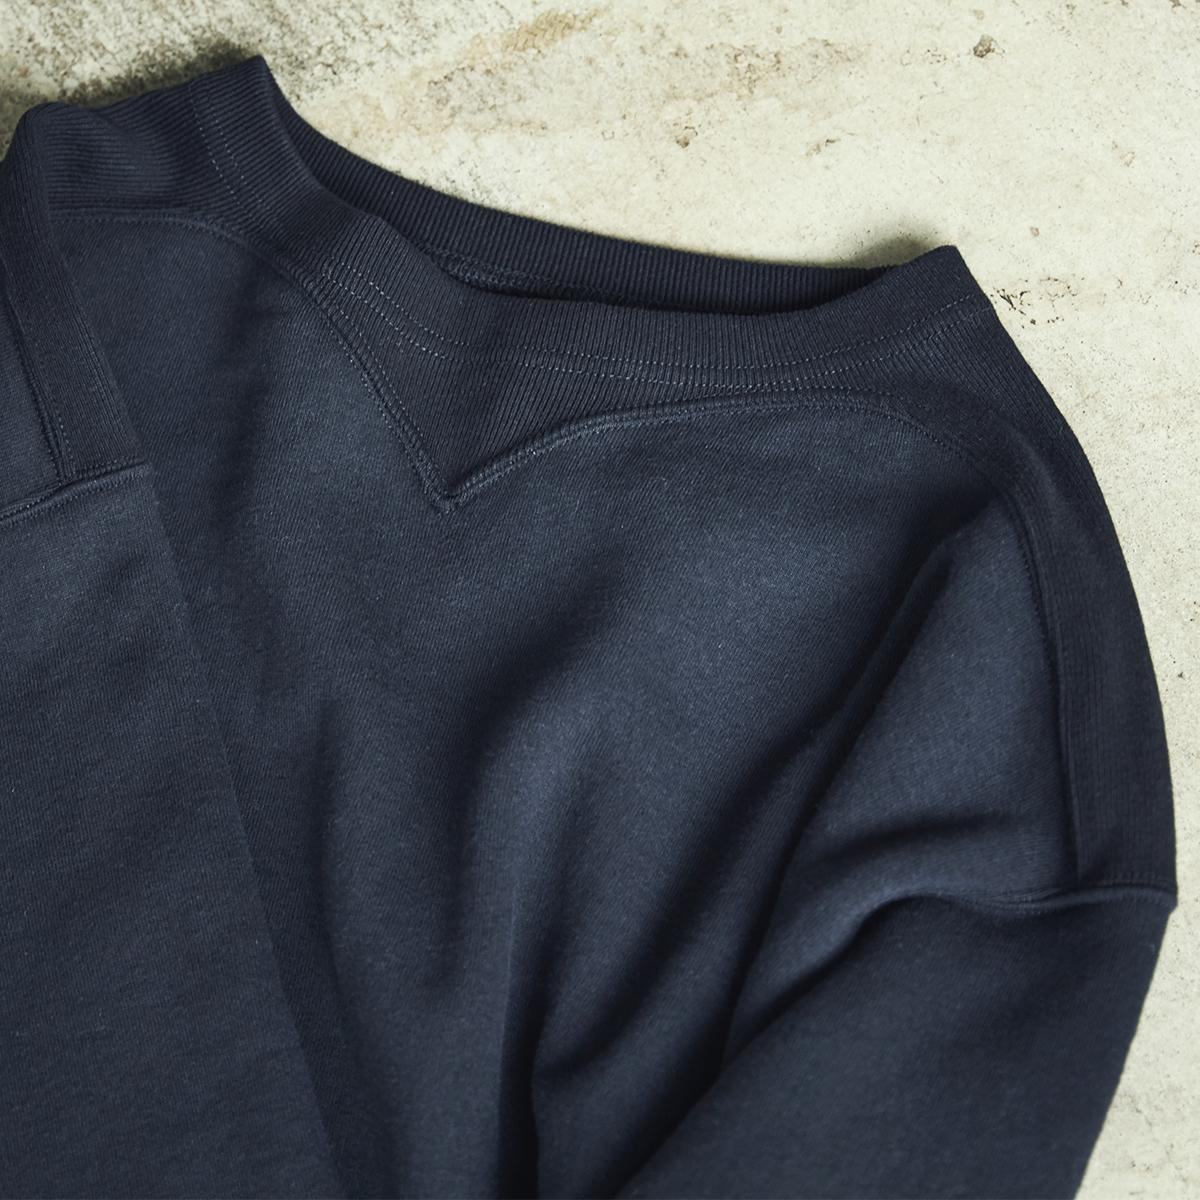 風合いを残したまま鮮やかに発色させたのが特徴。スポルディング社の名作から、現存していない「ブラック」をMade in Japanで「フットボールシャツ」|A.G. Spalding & Bros